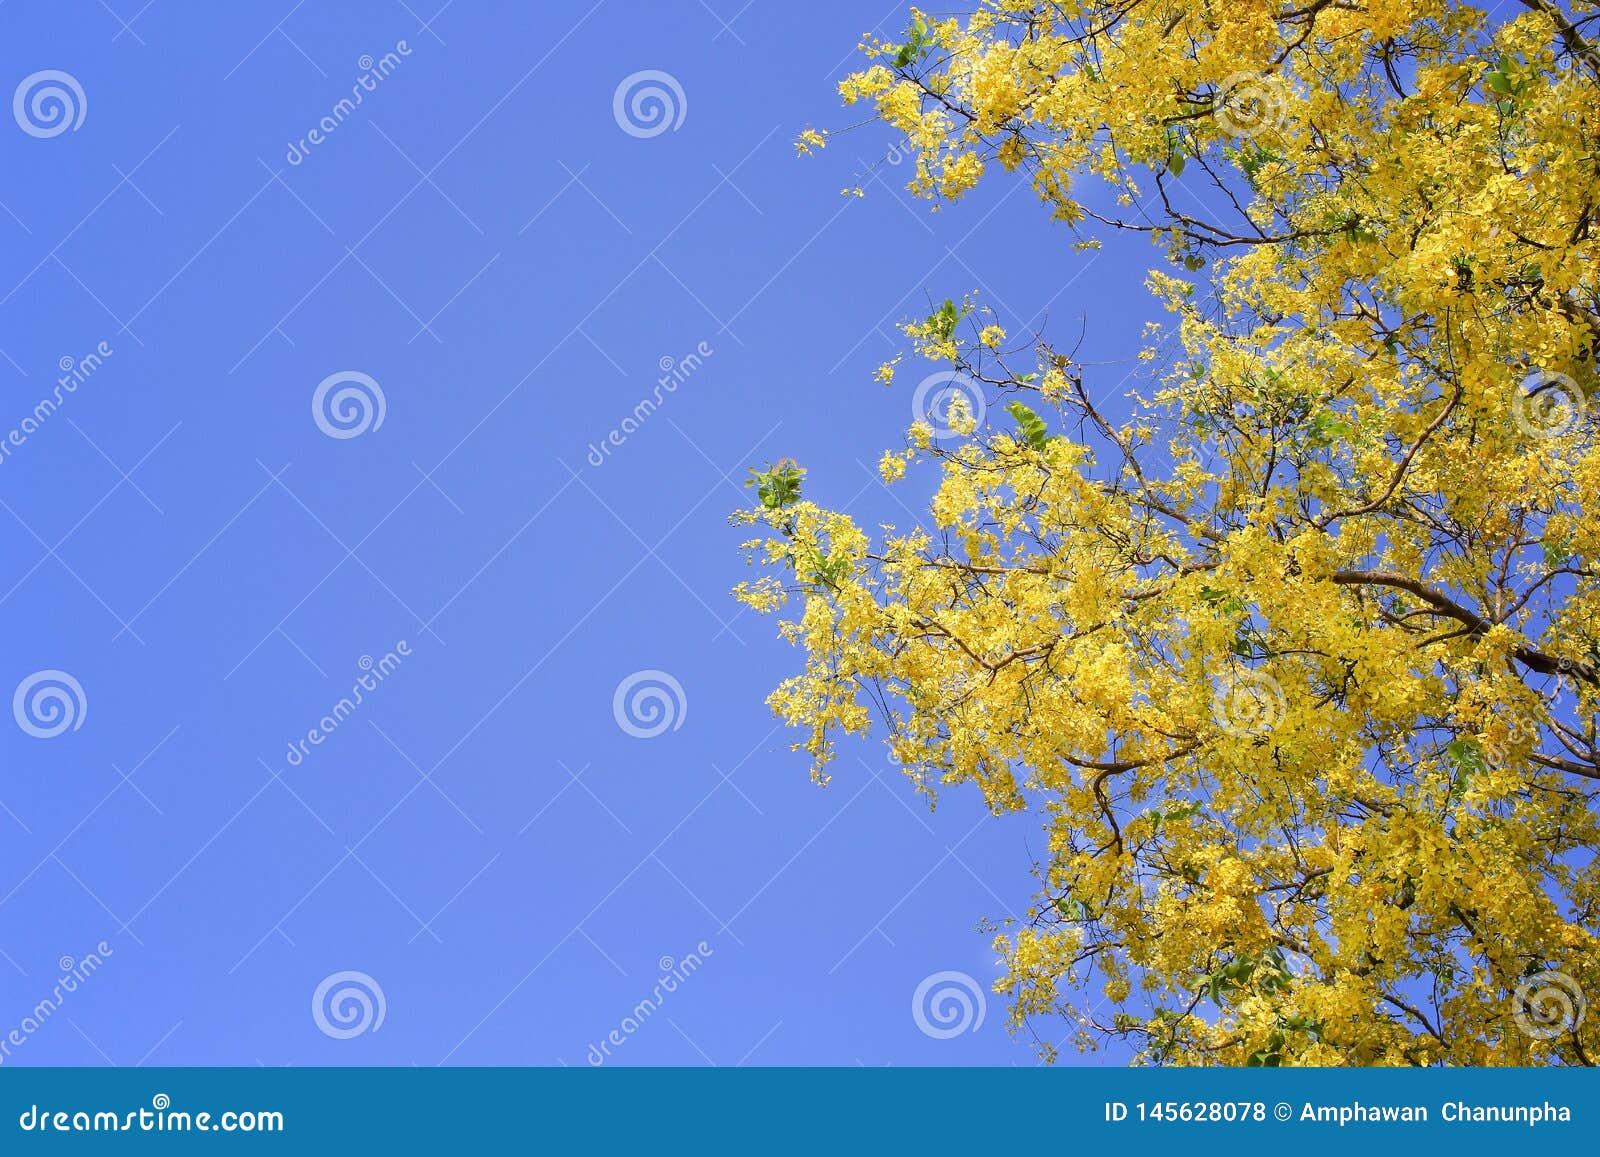 Ζωηρόχρωμα χρυσά ντους ή ratchaphruek λουλούδια που ανθίζει επάνω